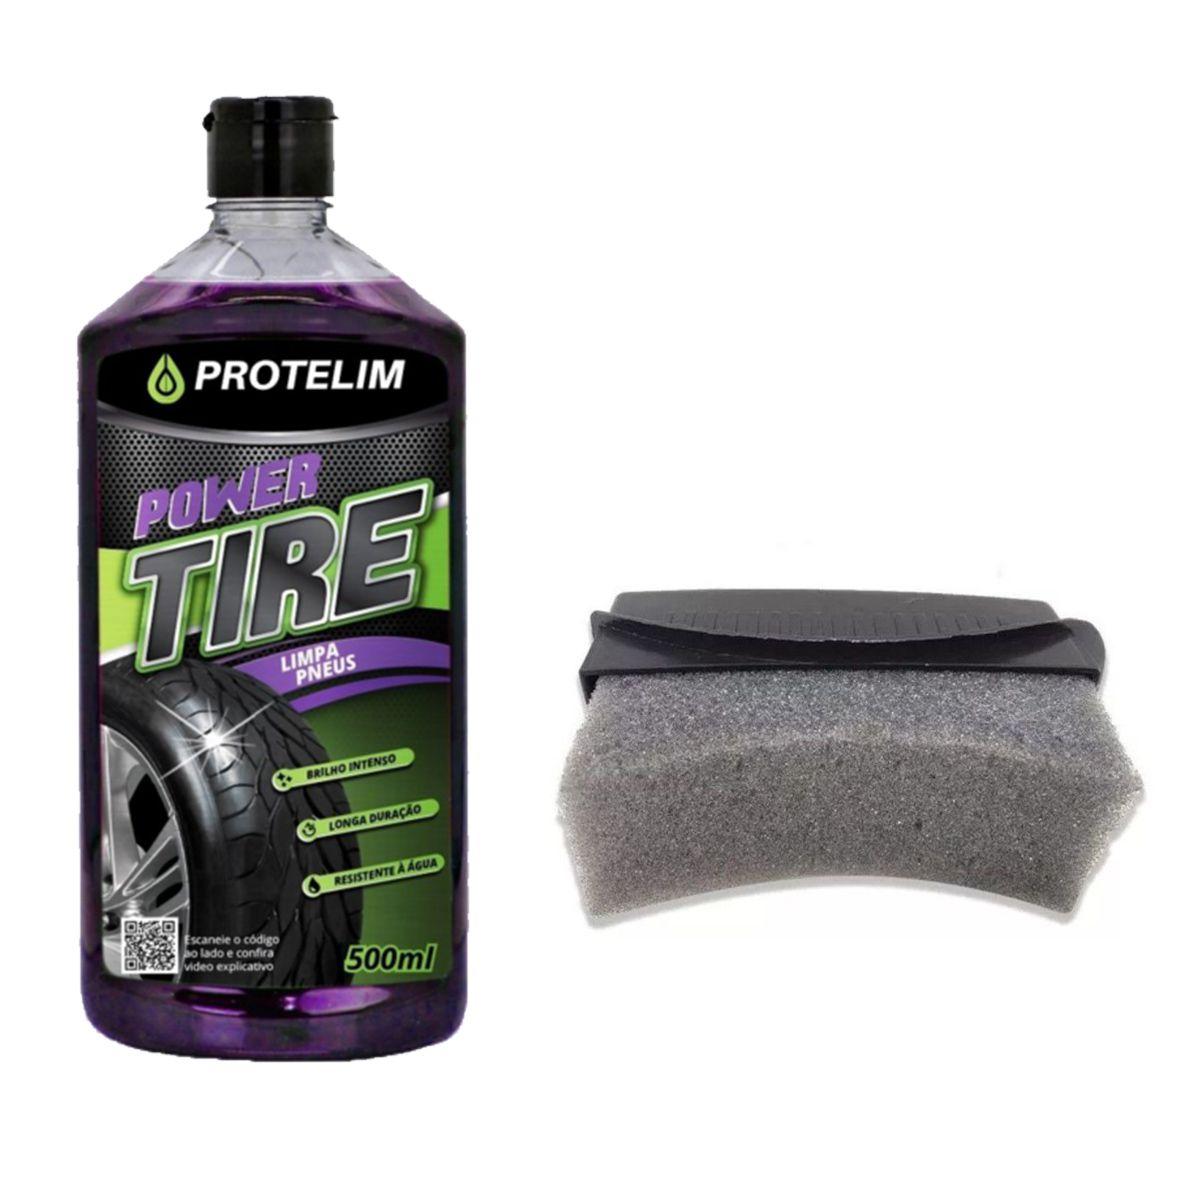 Kit Limpa Pneus Power Tire 500ml Protelim + Aplicador